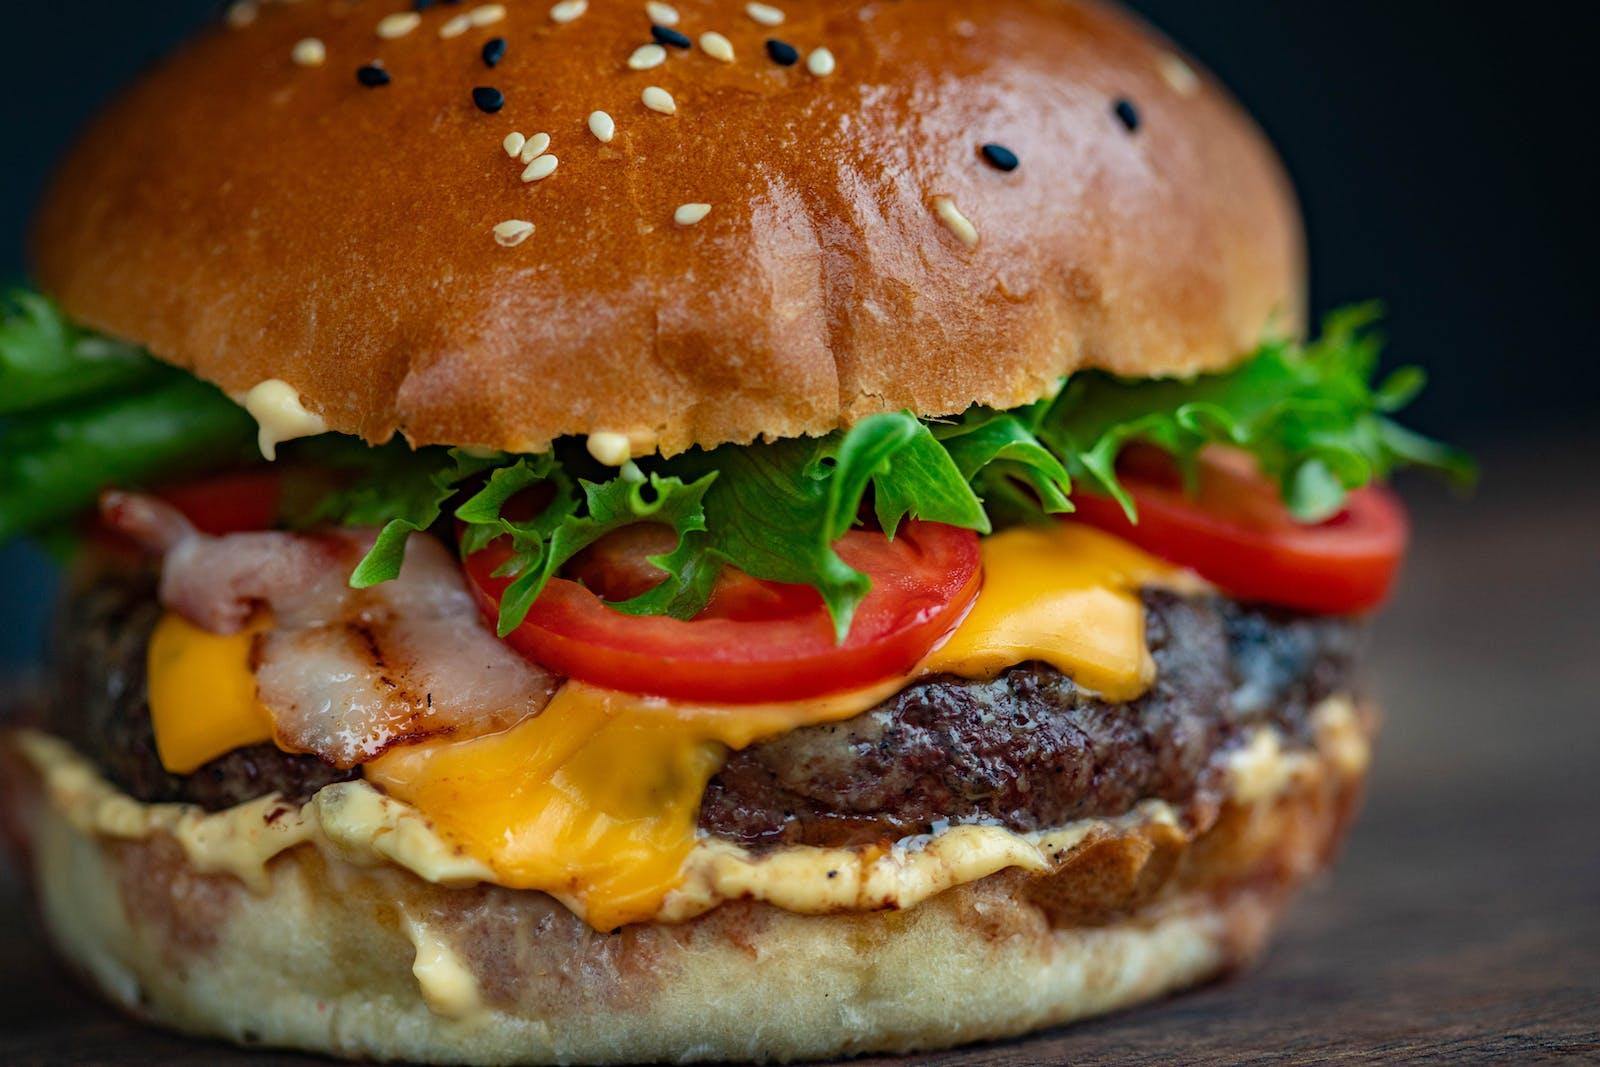 Ground Meat Sandwich Ideas